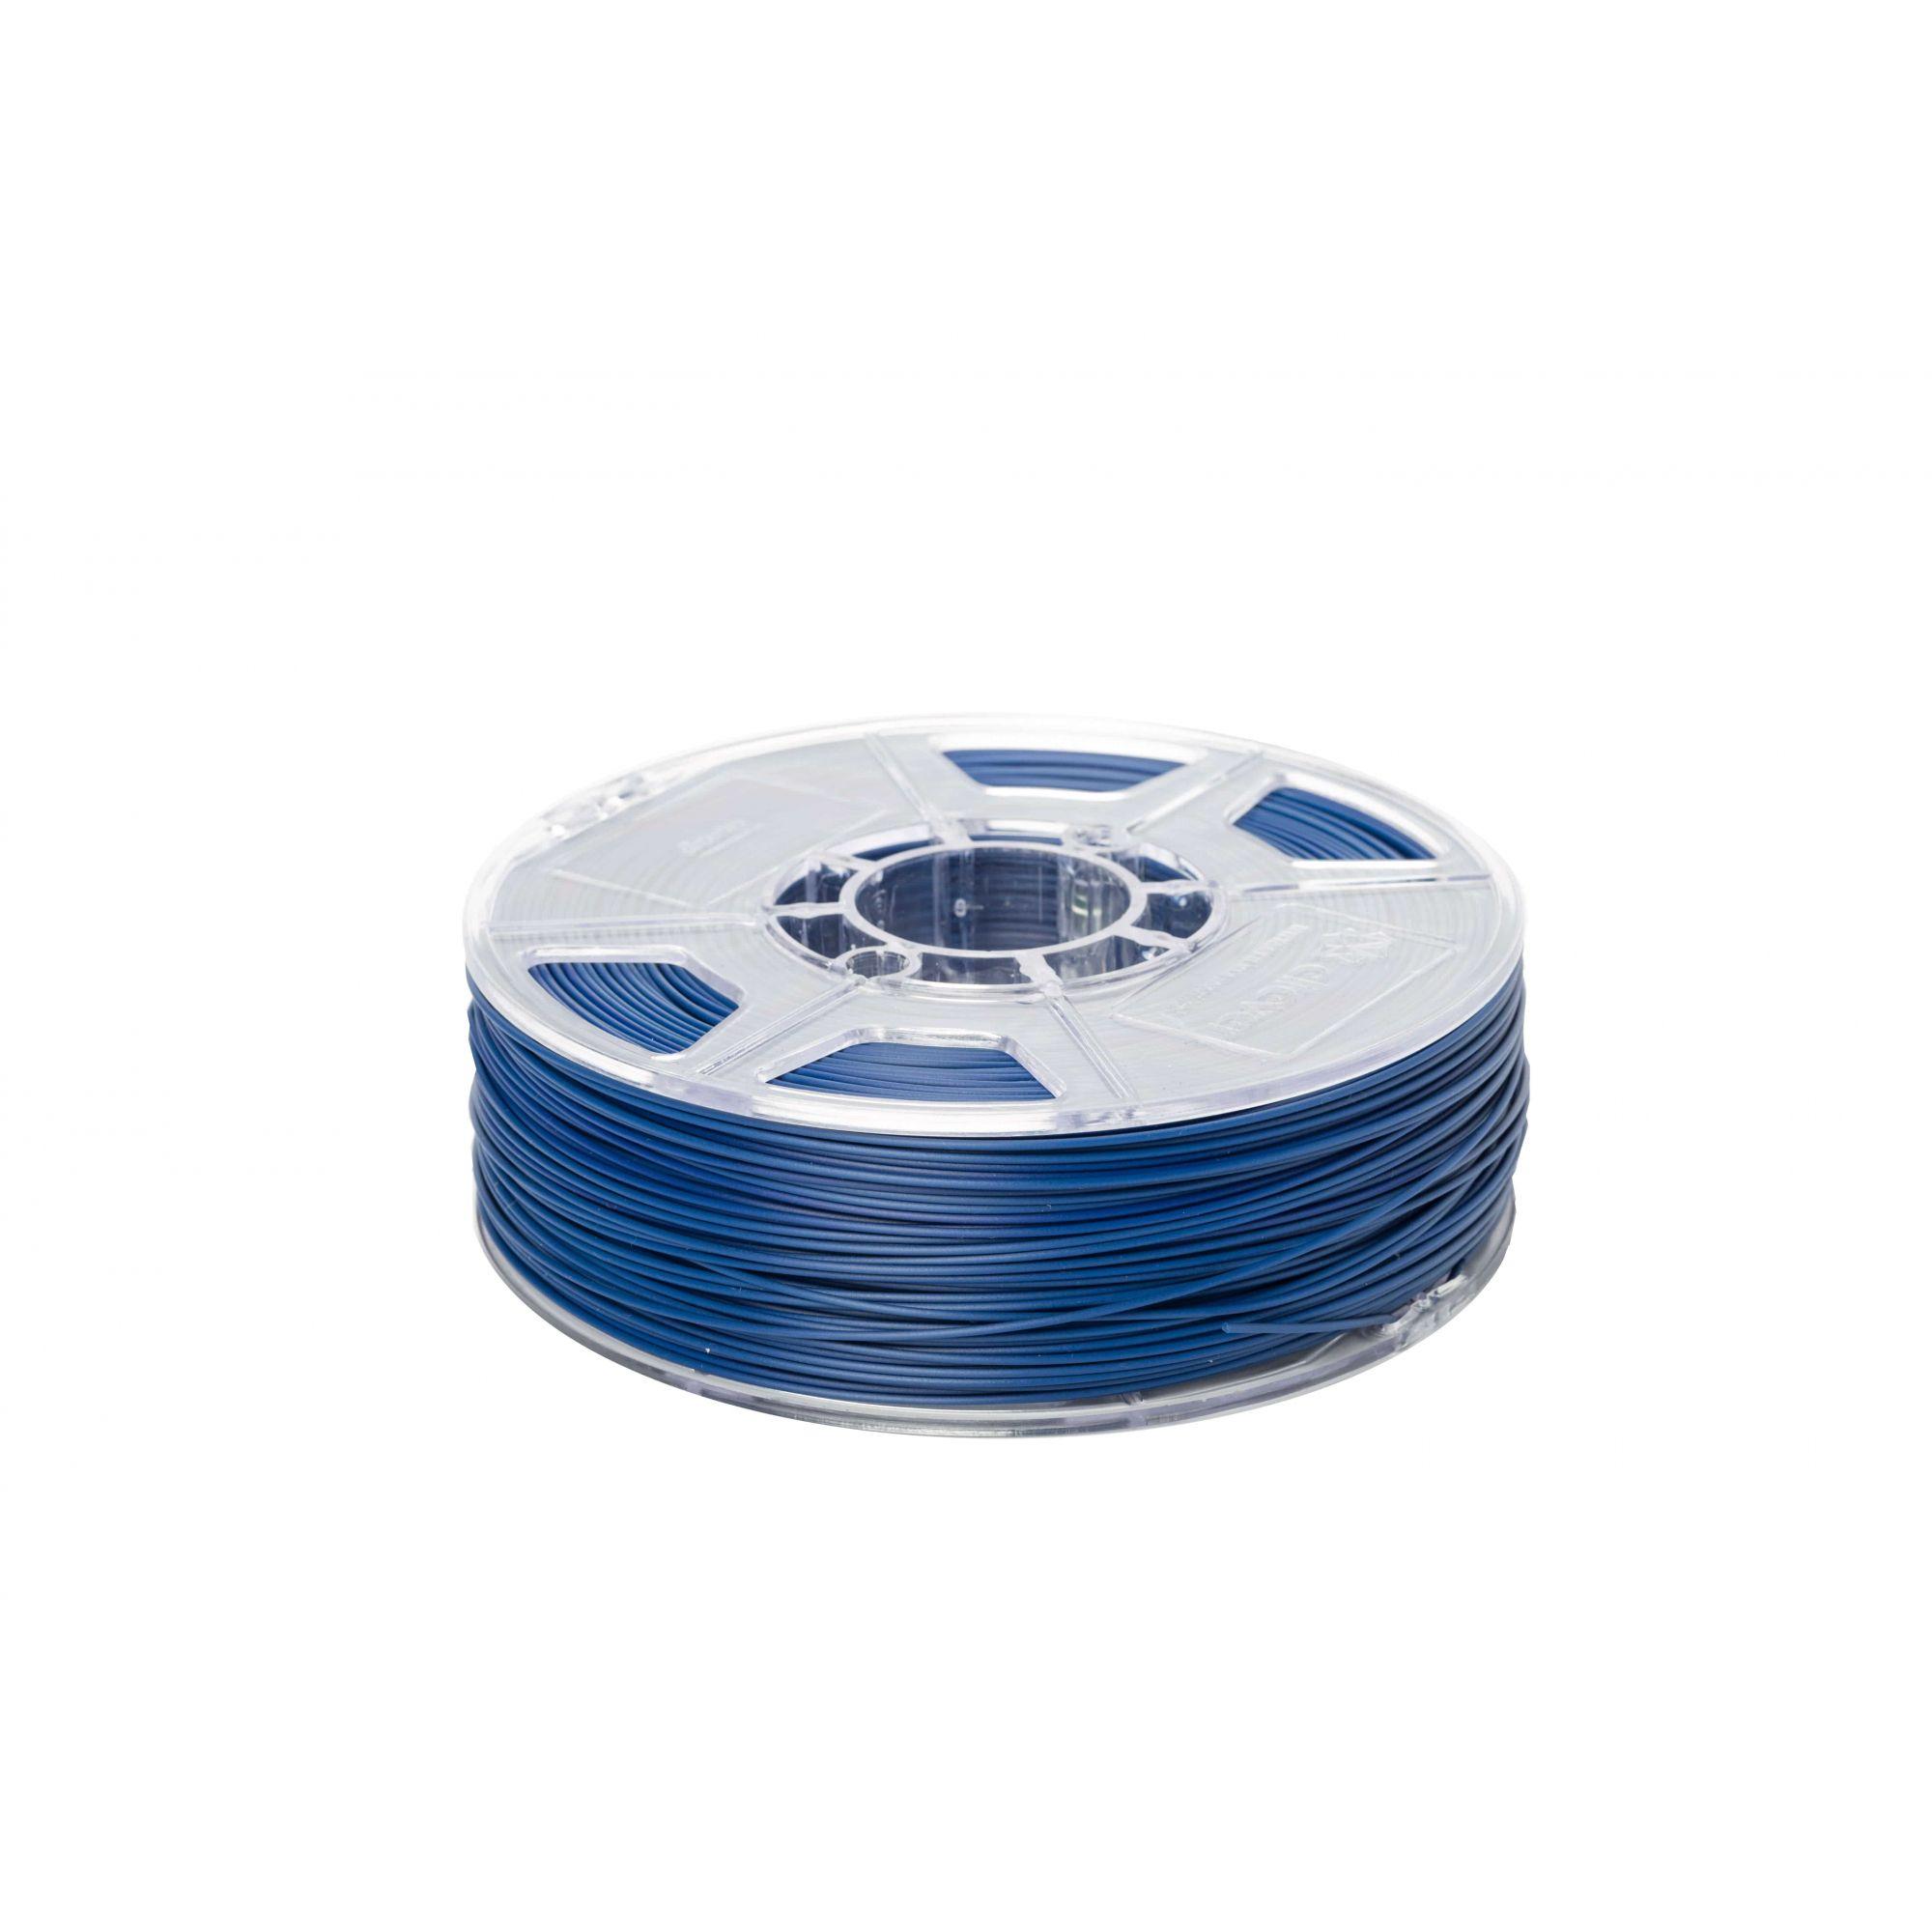 Filamento PLA - Azul - Cliever - 1.75mm - 1kg